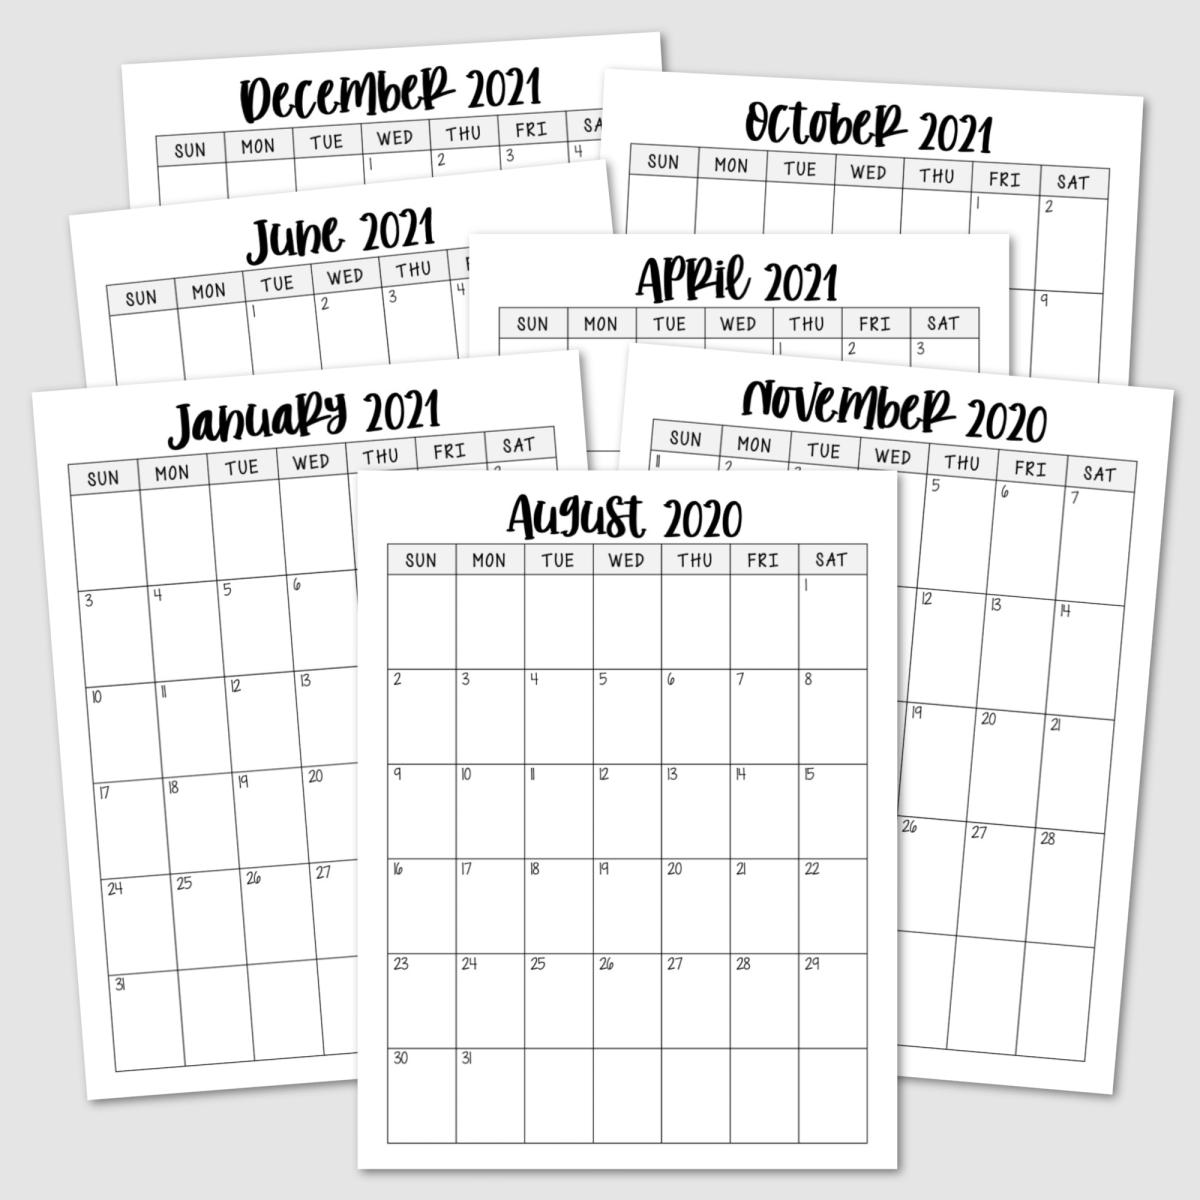 2020 free calendar copy copy copy.png